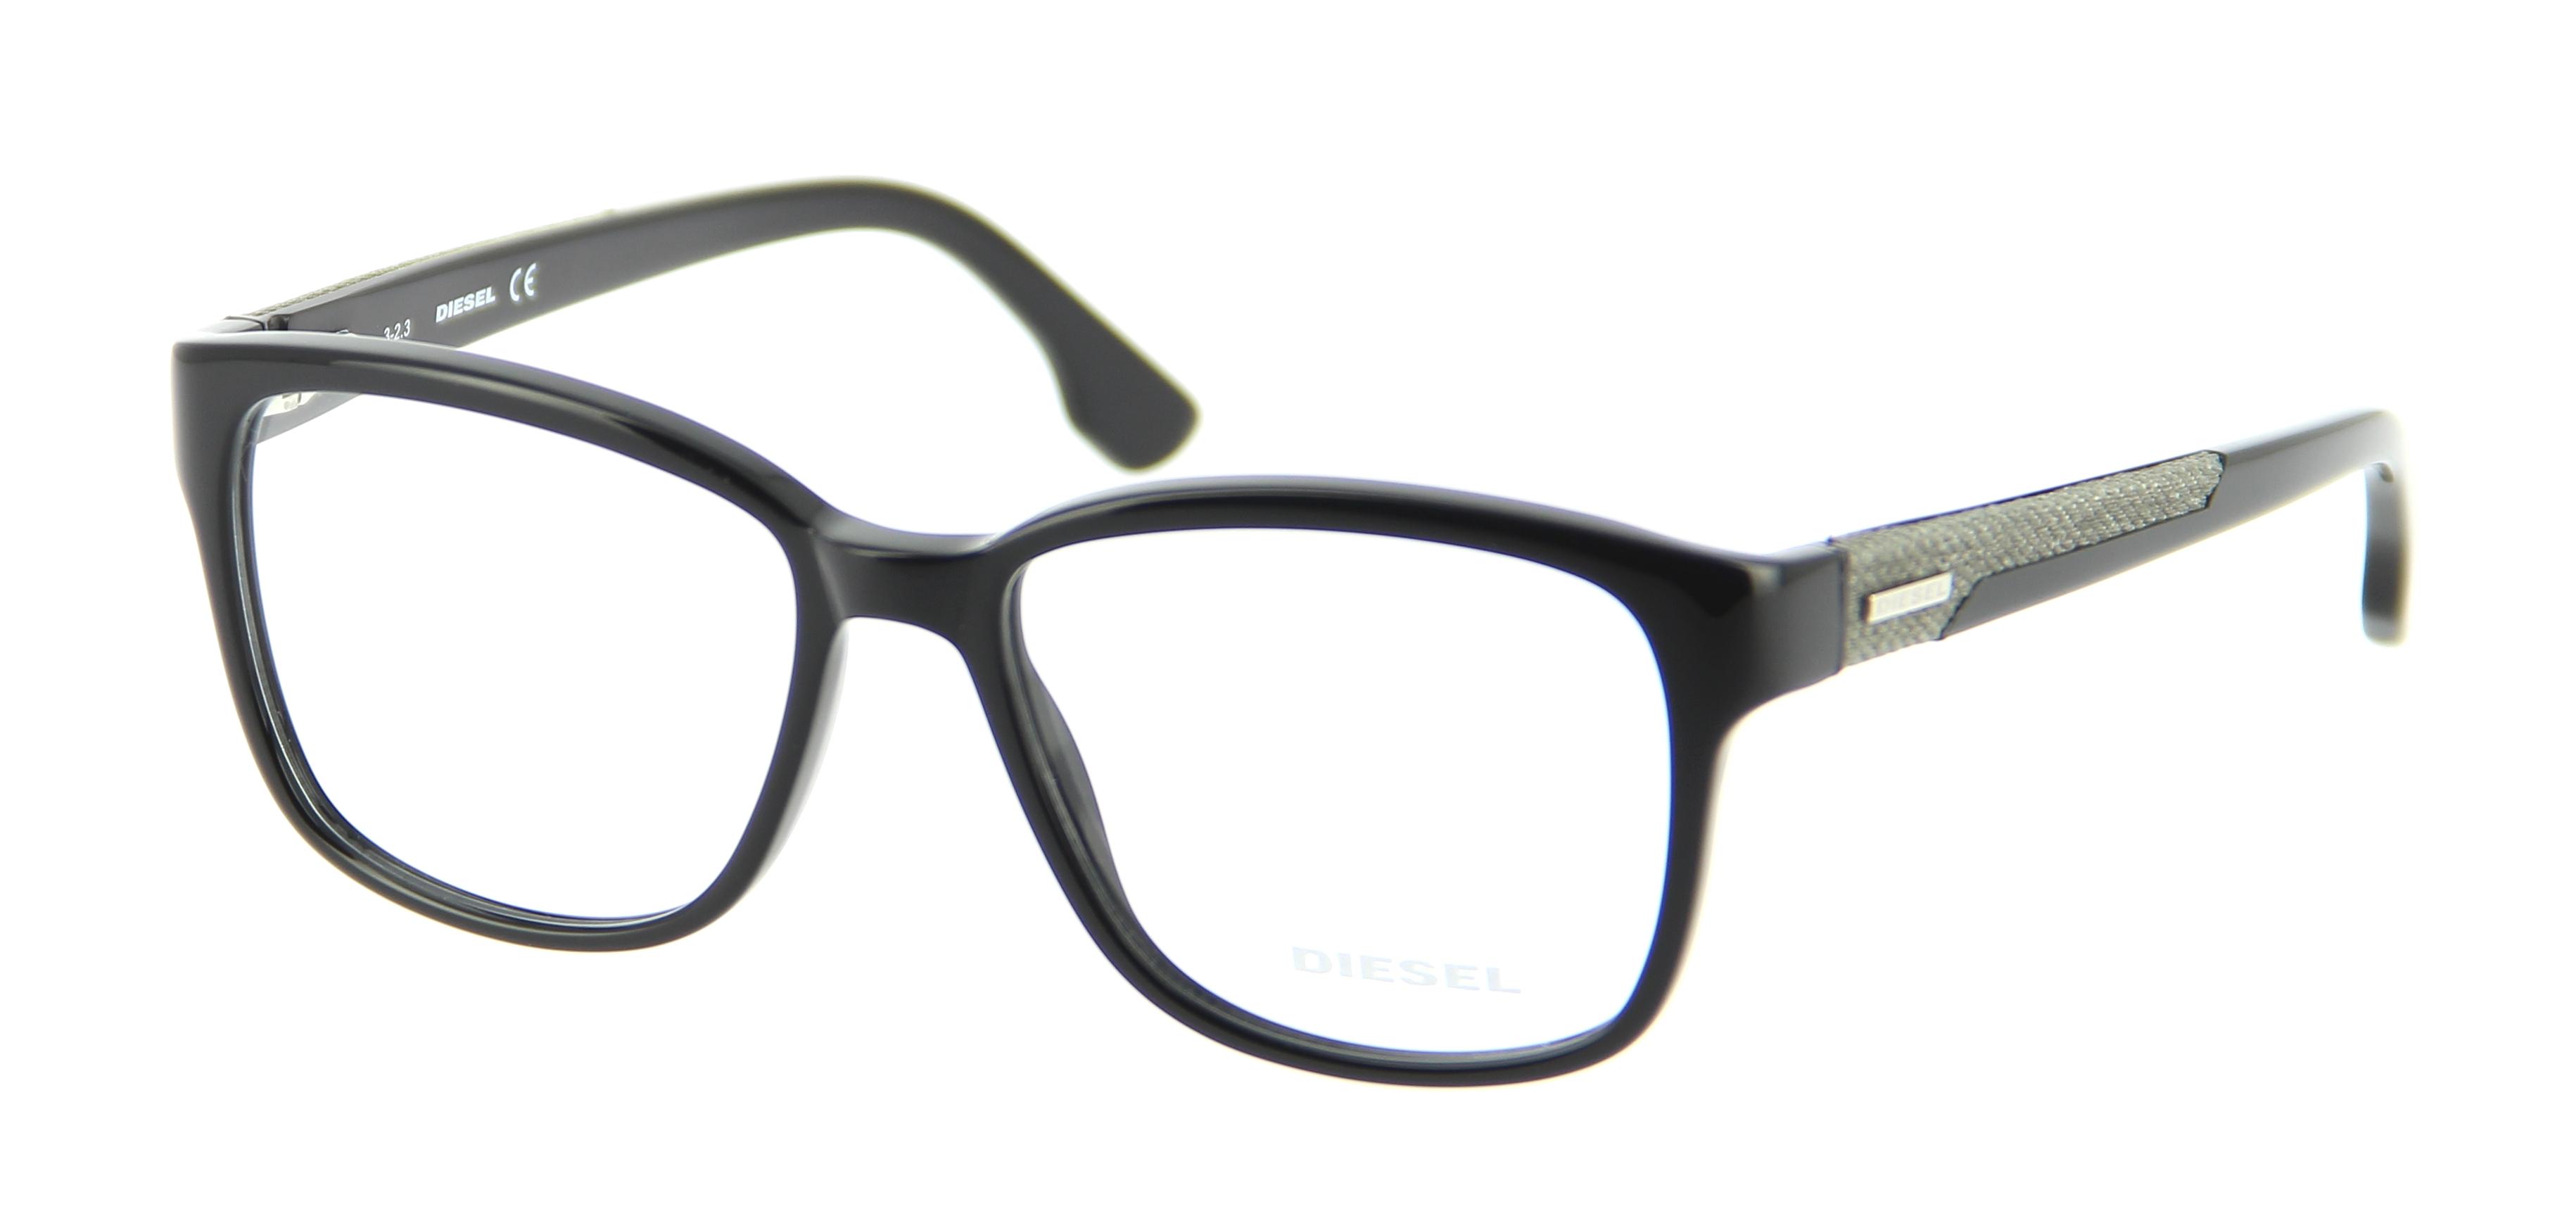 Eyeglasses DIESEL DL 5032 001 53/16 mixed Noir square ...